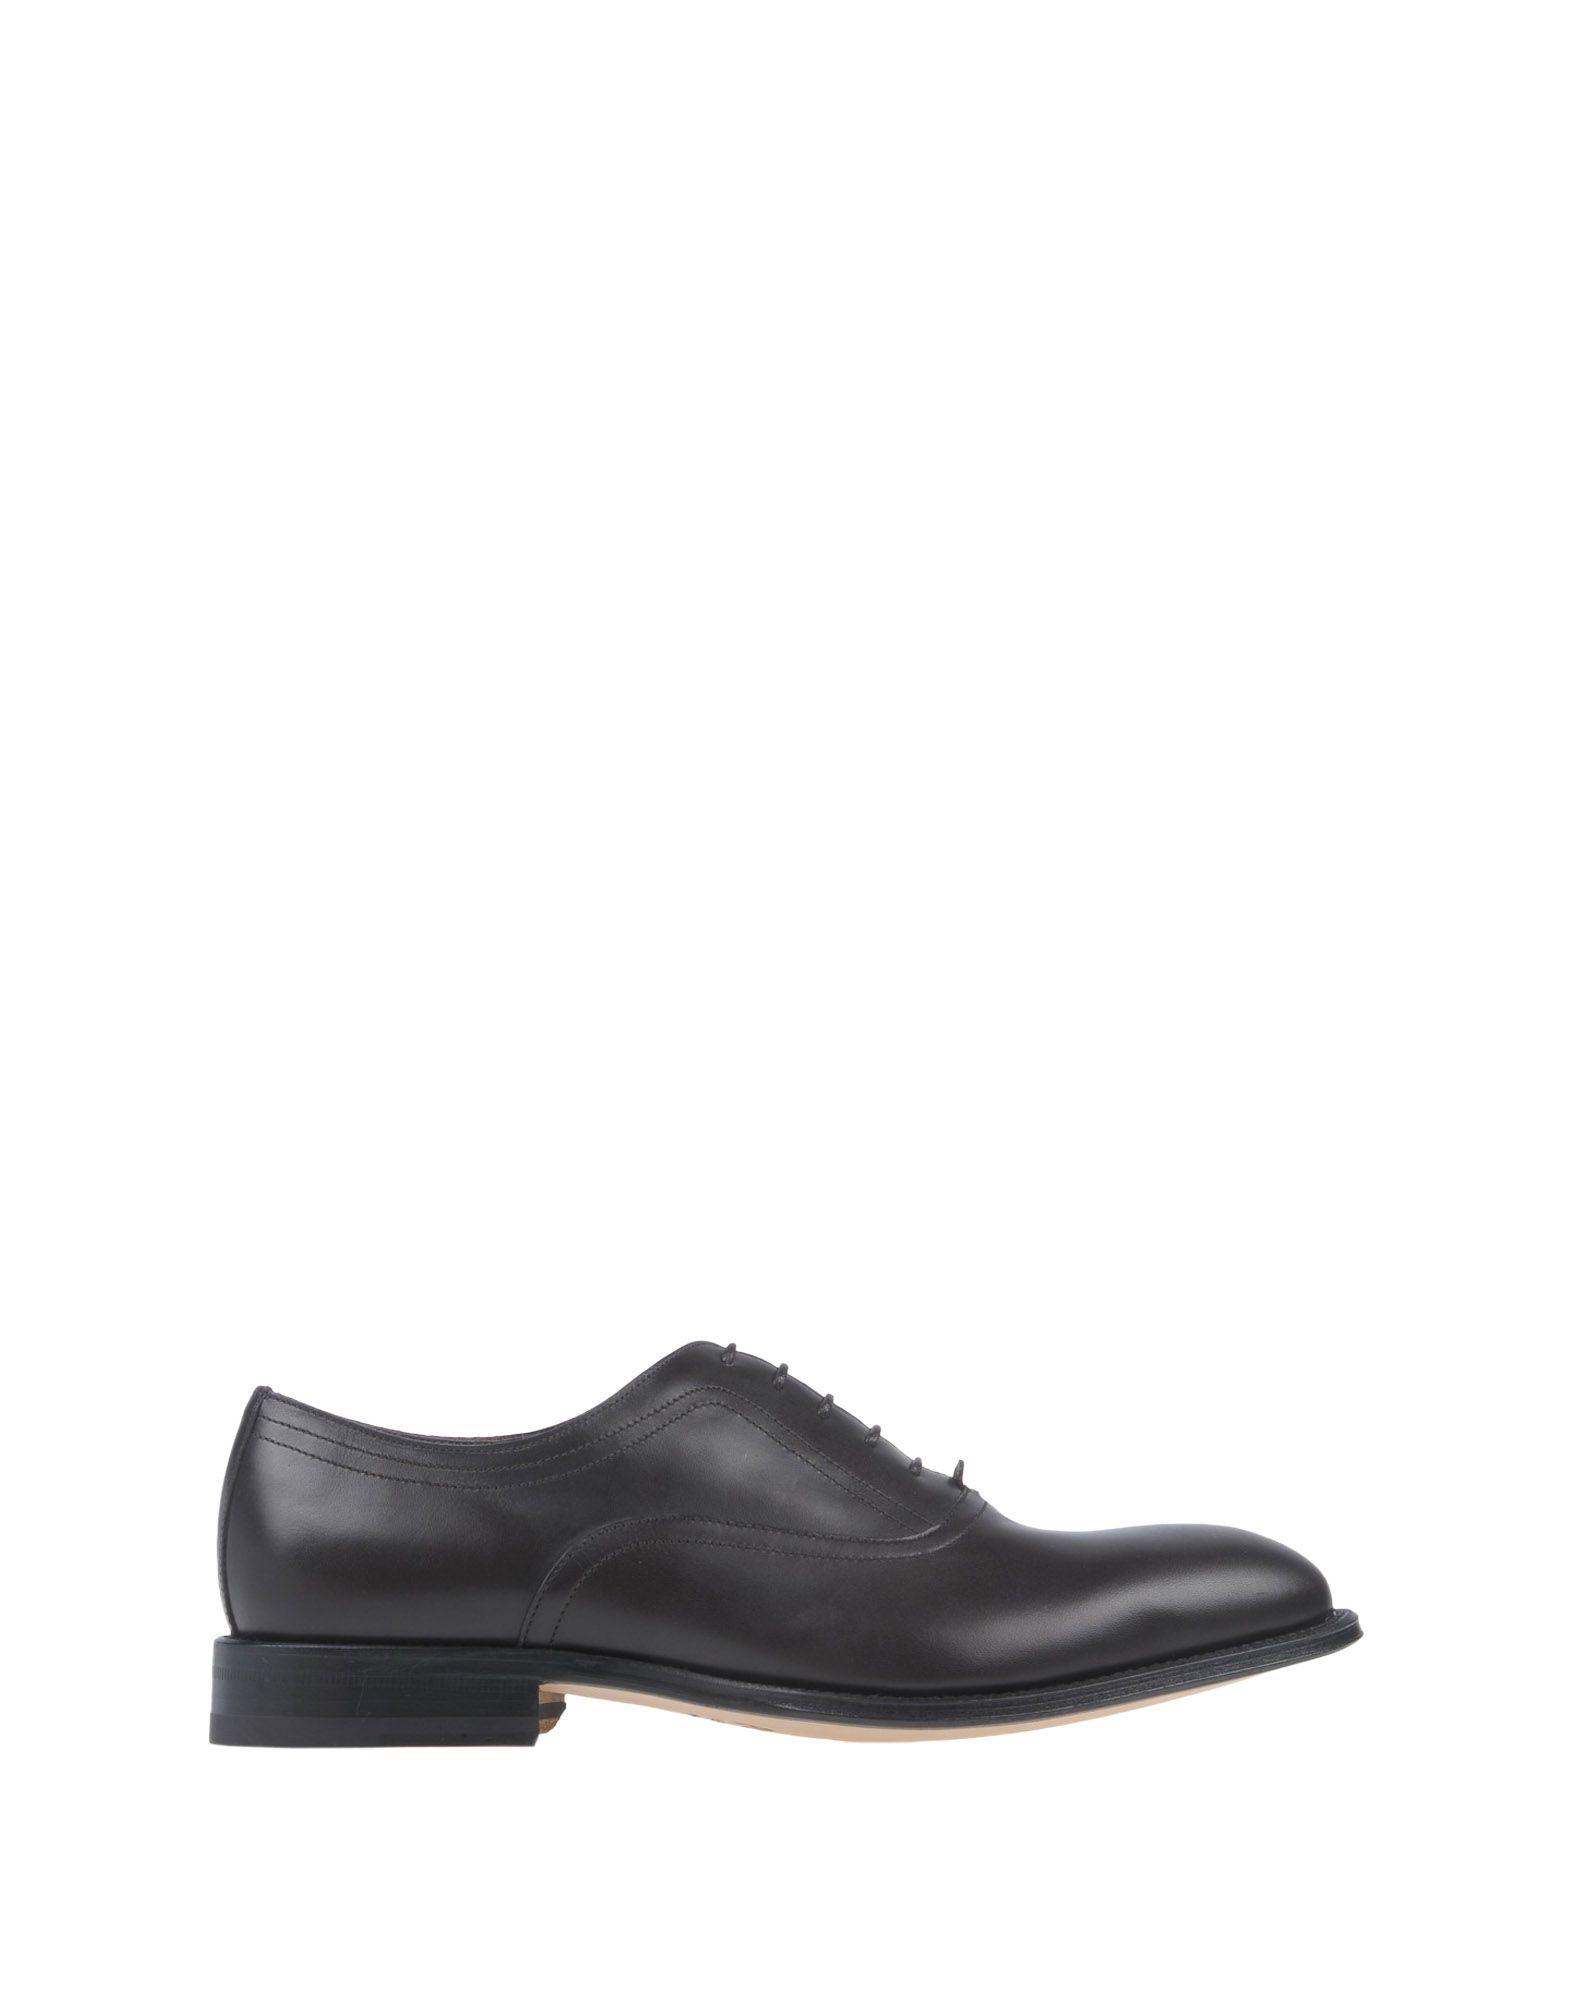 Pollini Gute Schnürschuhe Herren  11331334GA Gute Pollini Qualität beliebte Schuhe 4b0b09